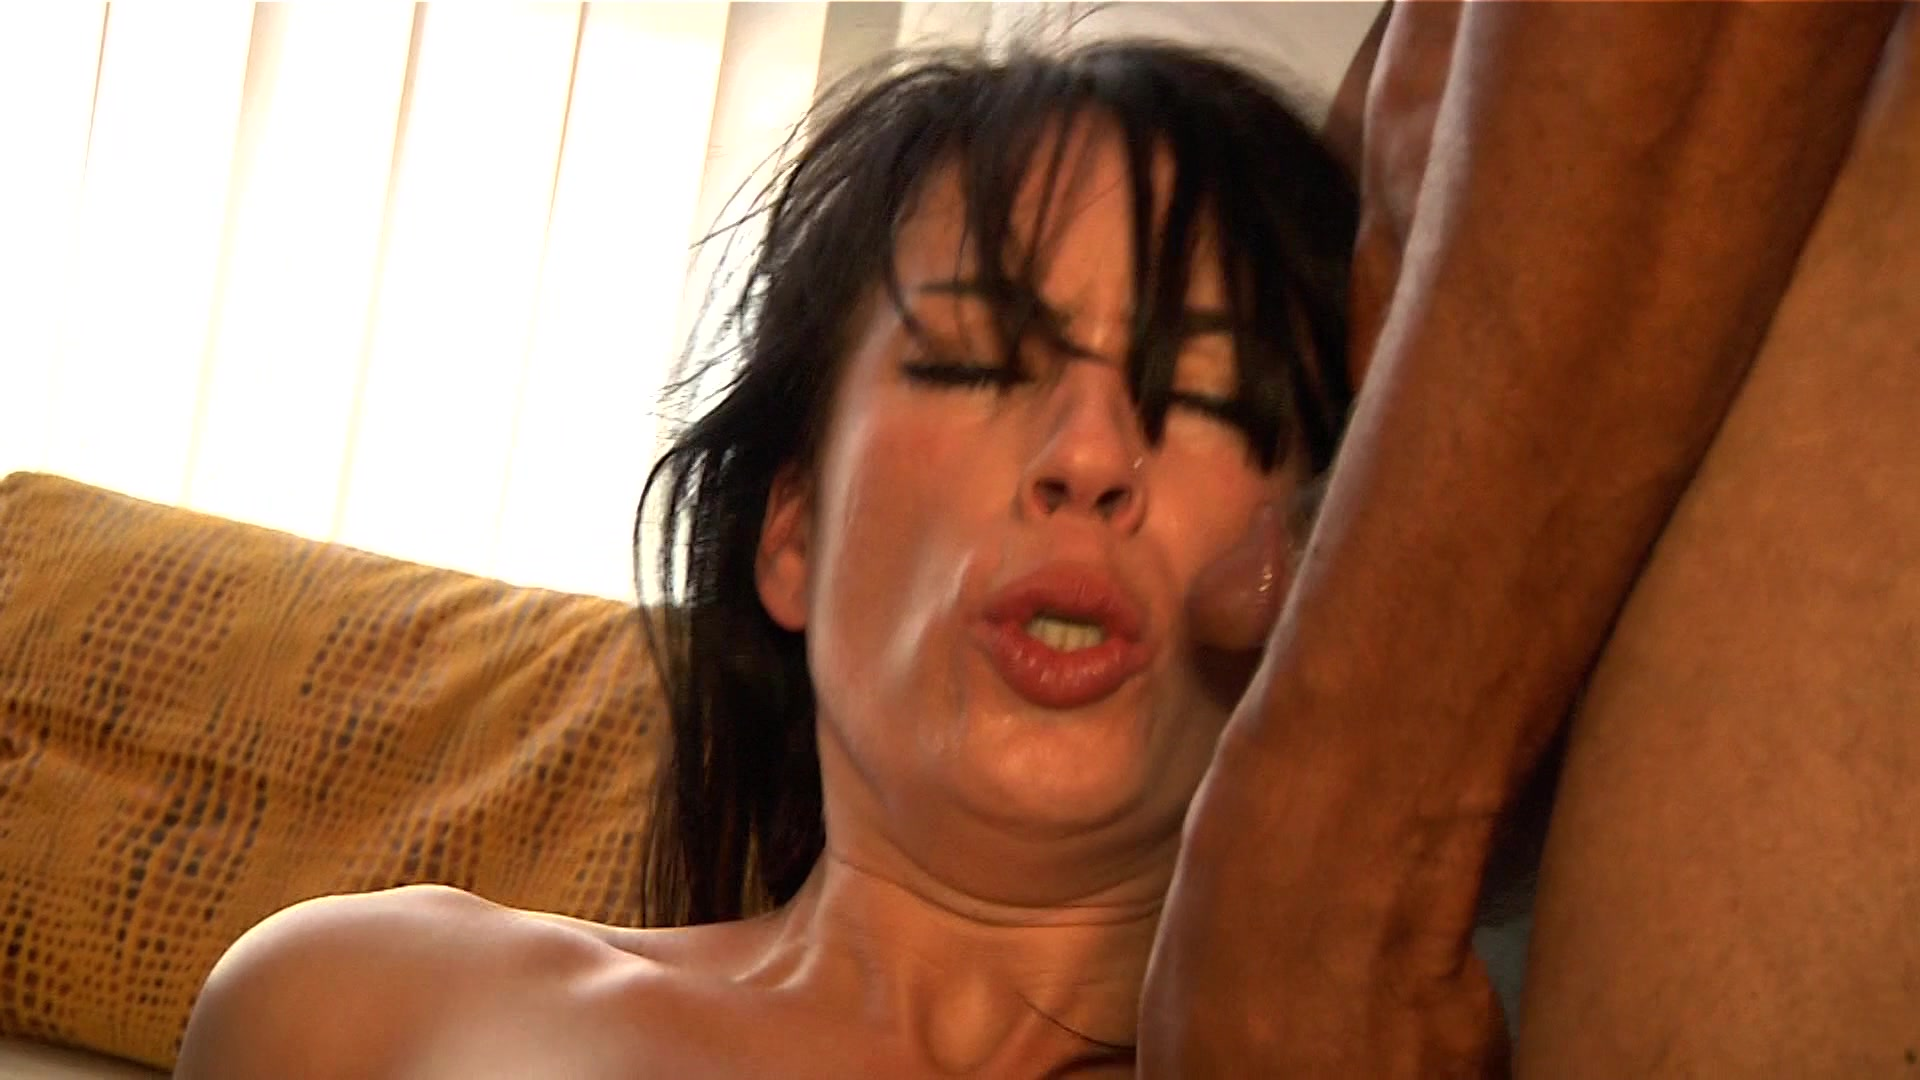 Adeline Lange Porn showing porn images for adeline lange anal porn | www